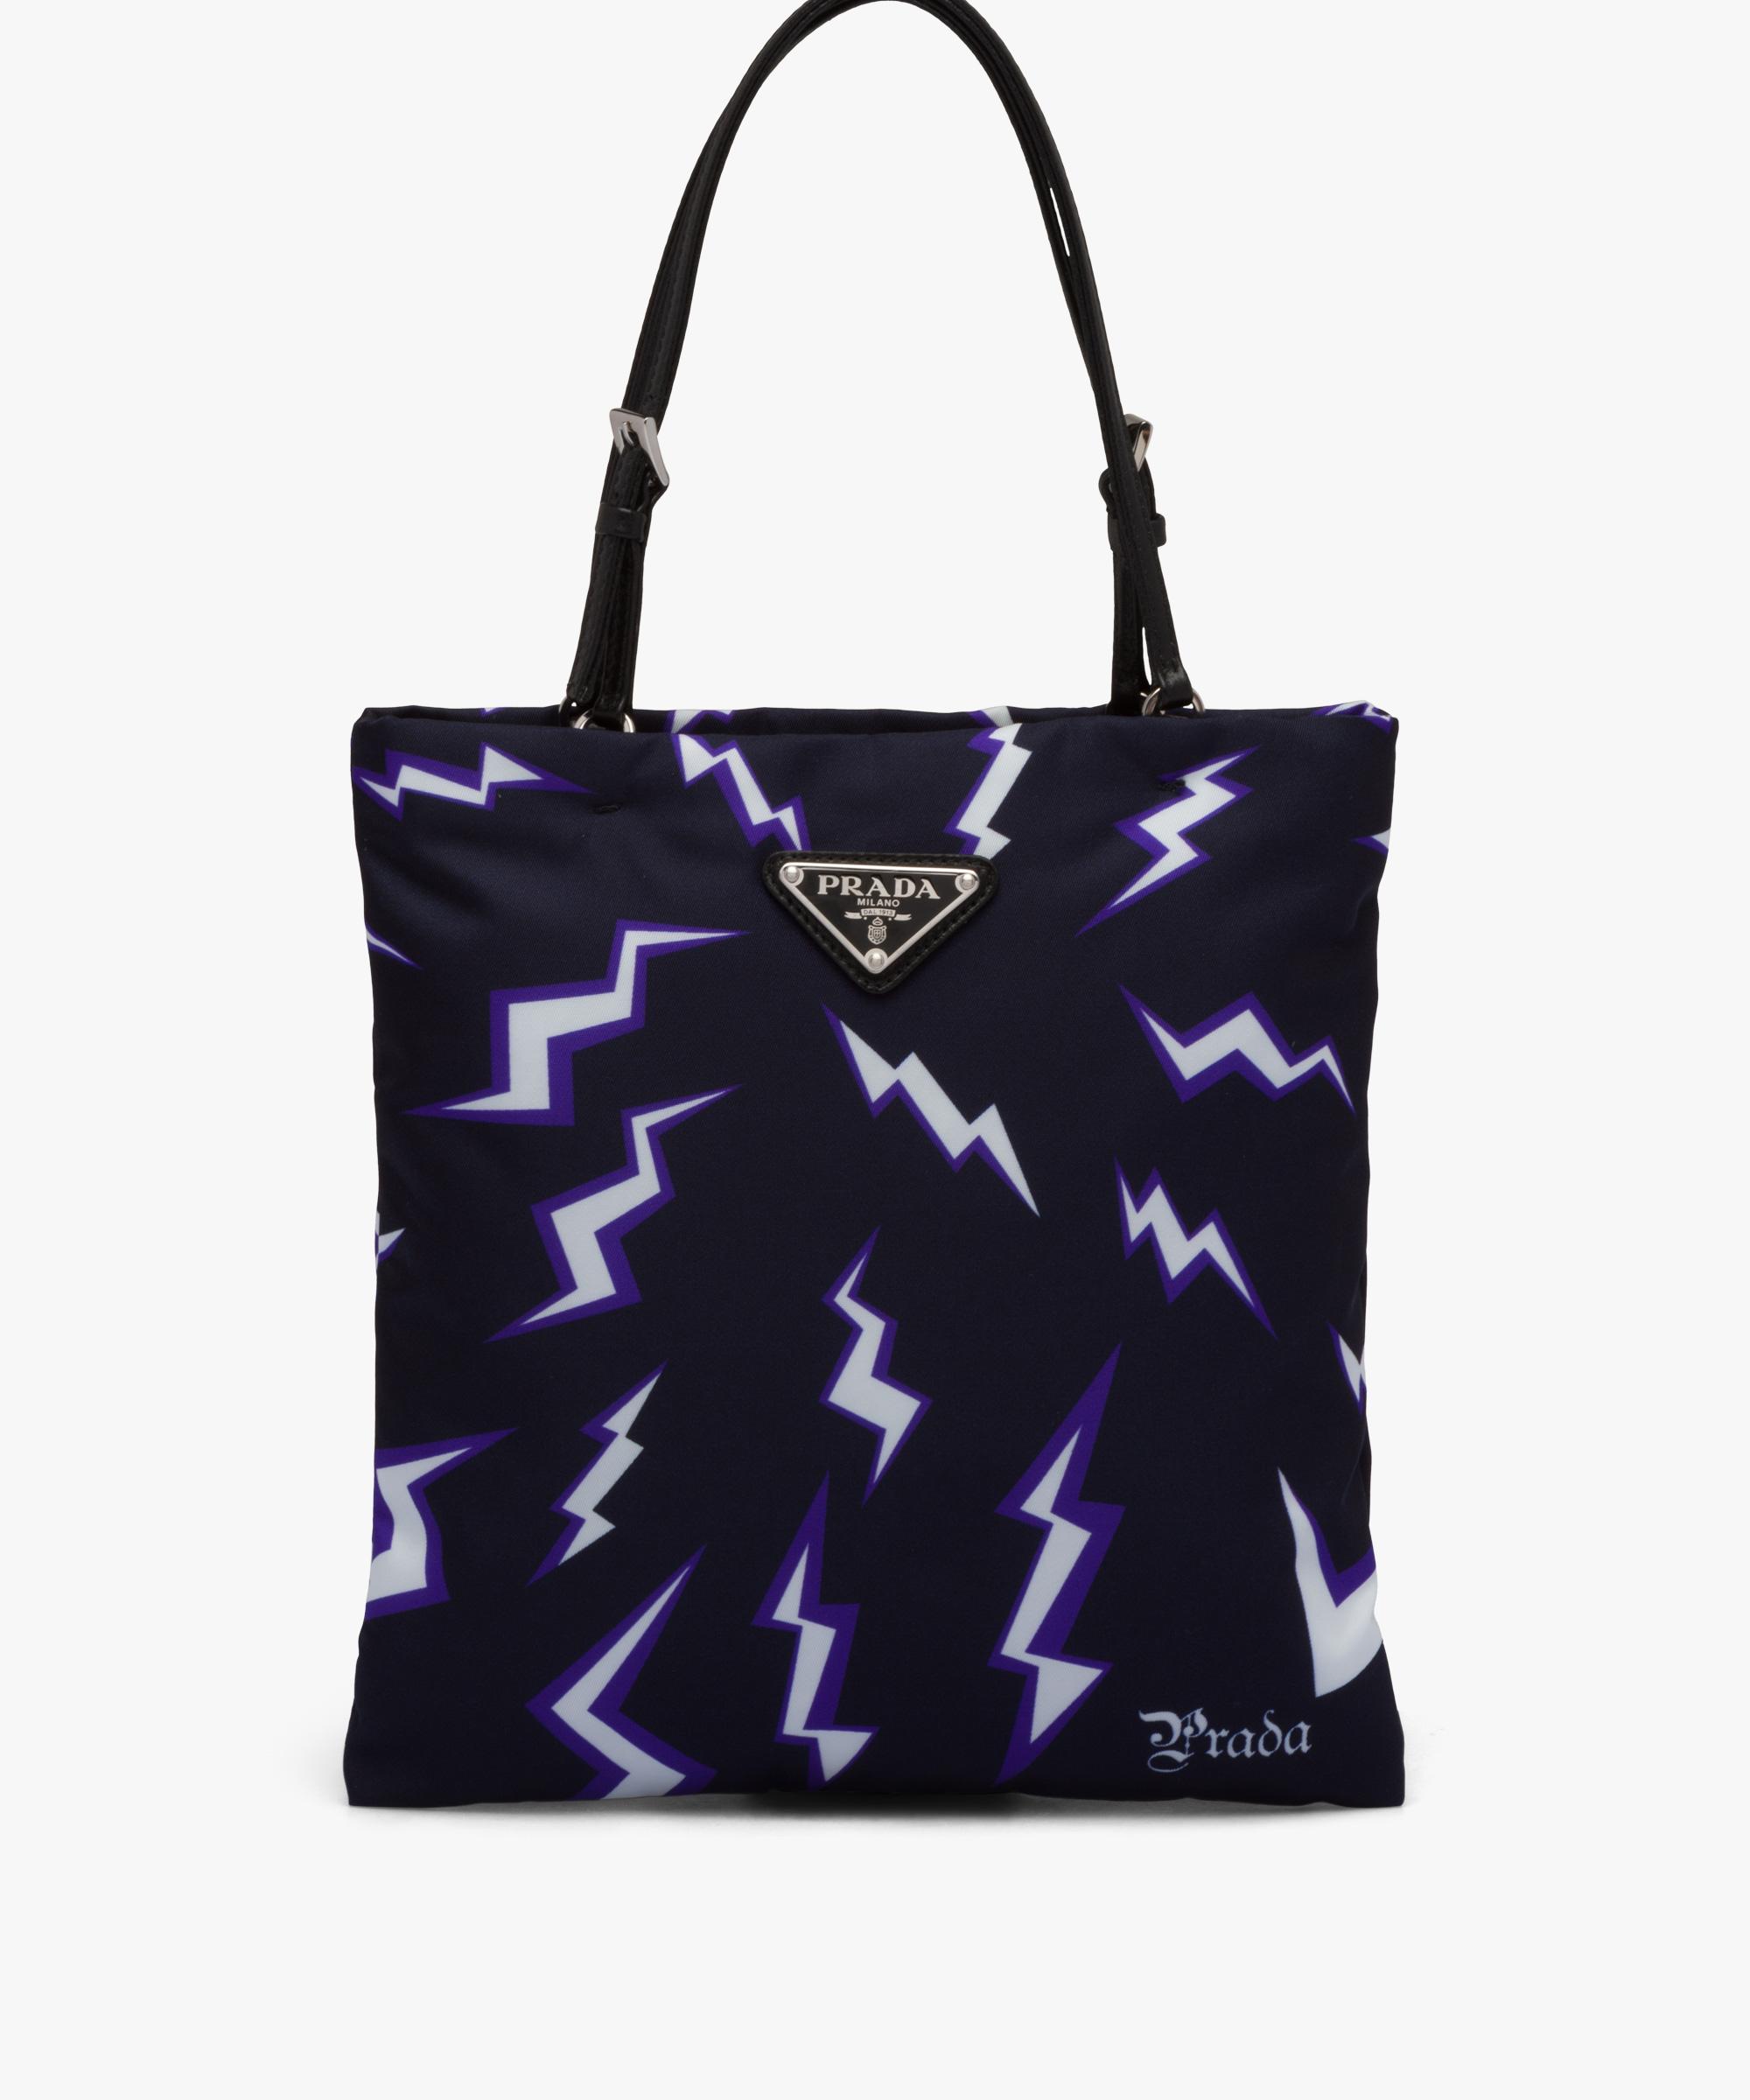 60c8d79674 Lightning print nylon handbag   Prada